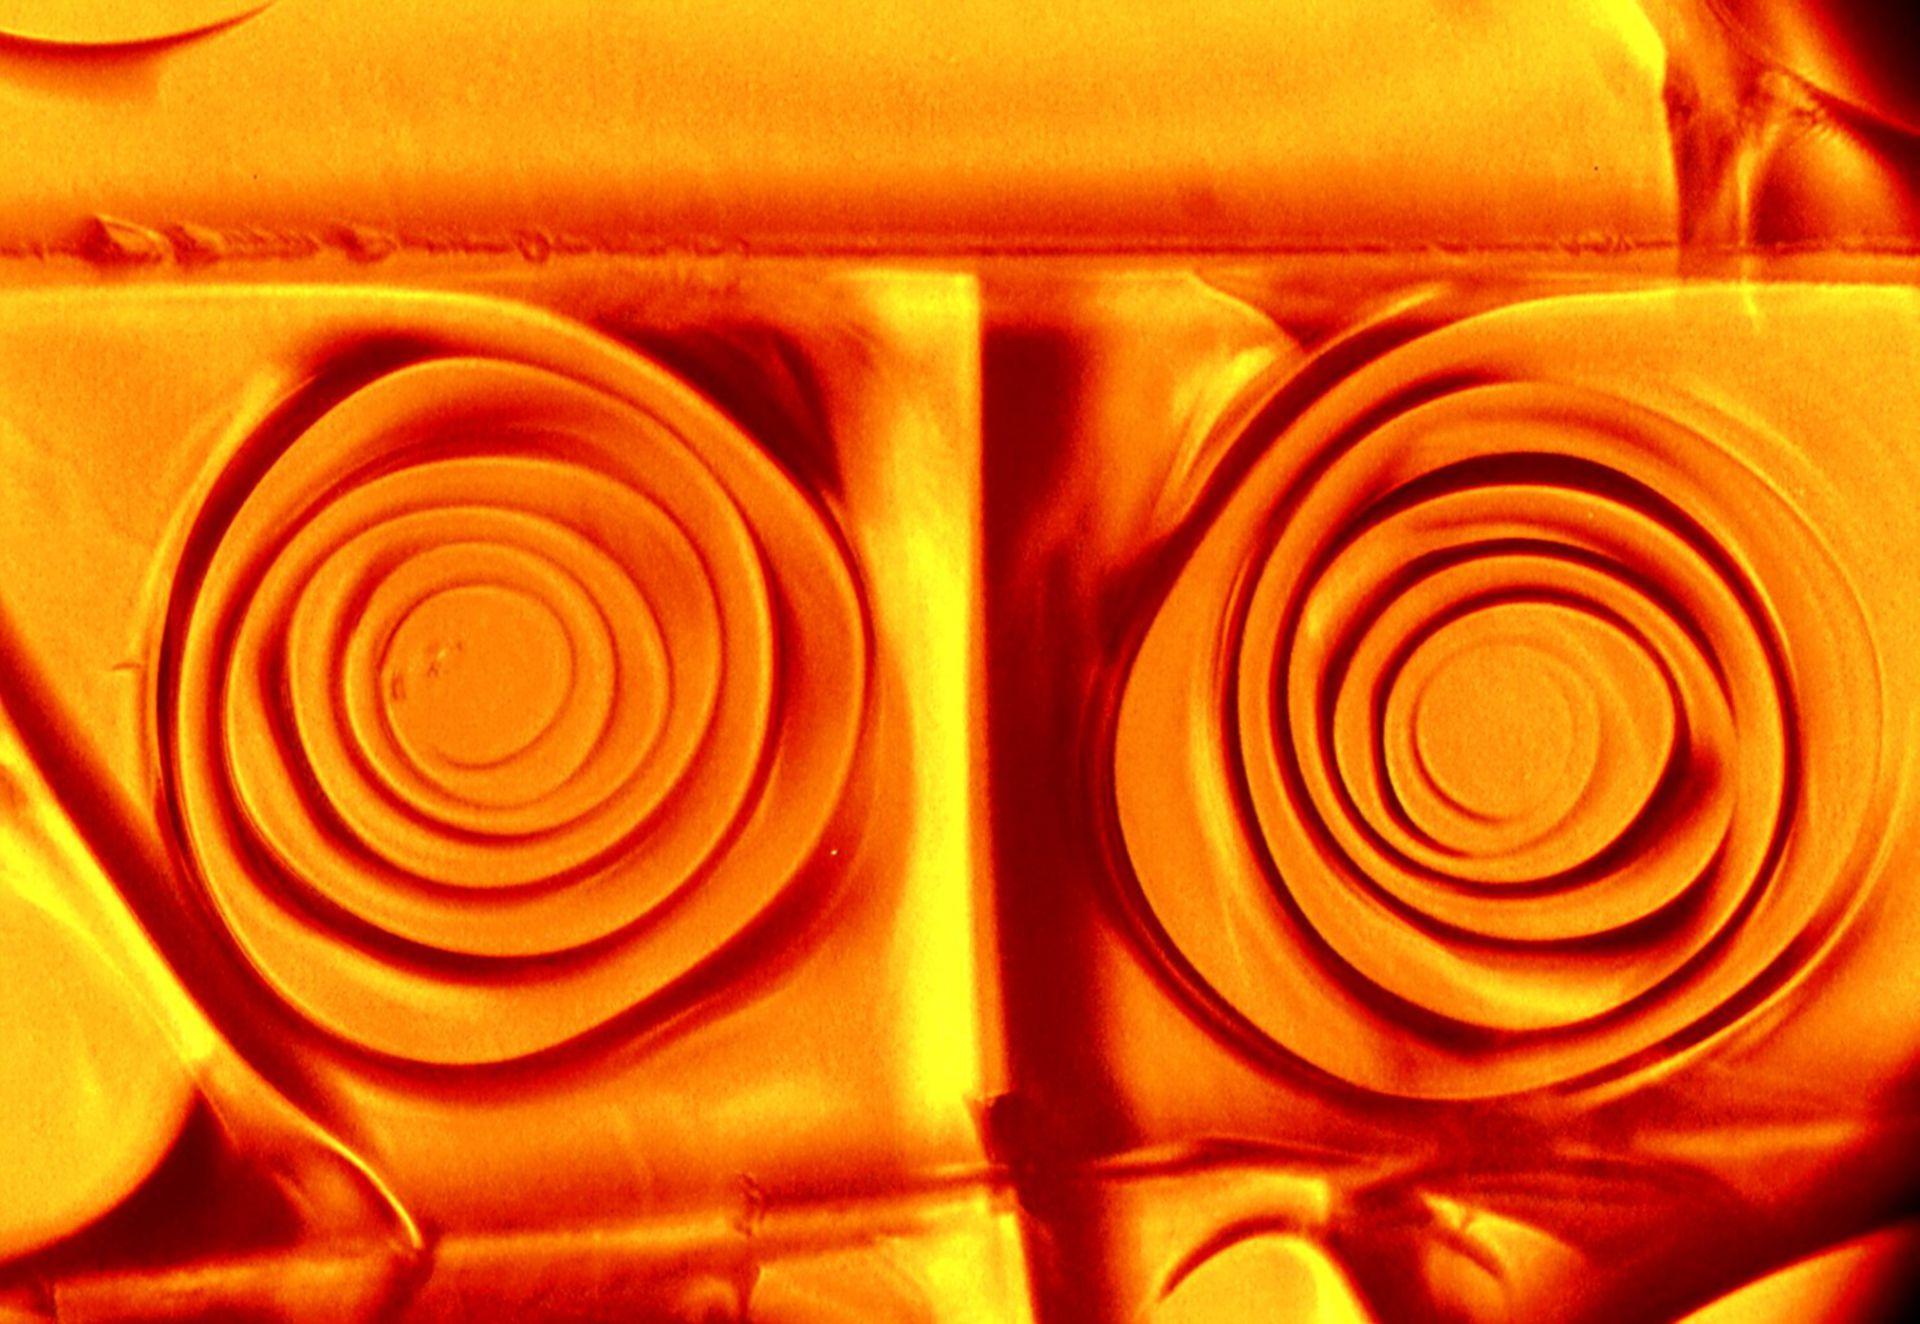 Aluminum acetate tartrate solution